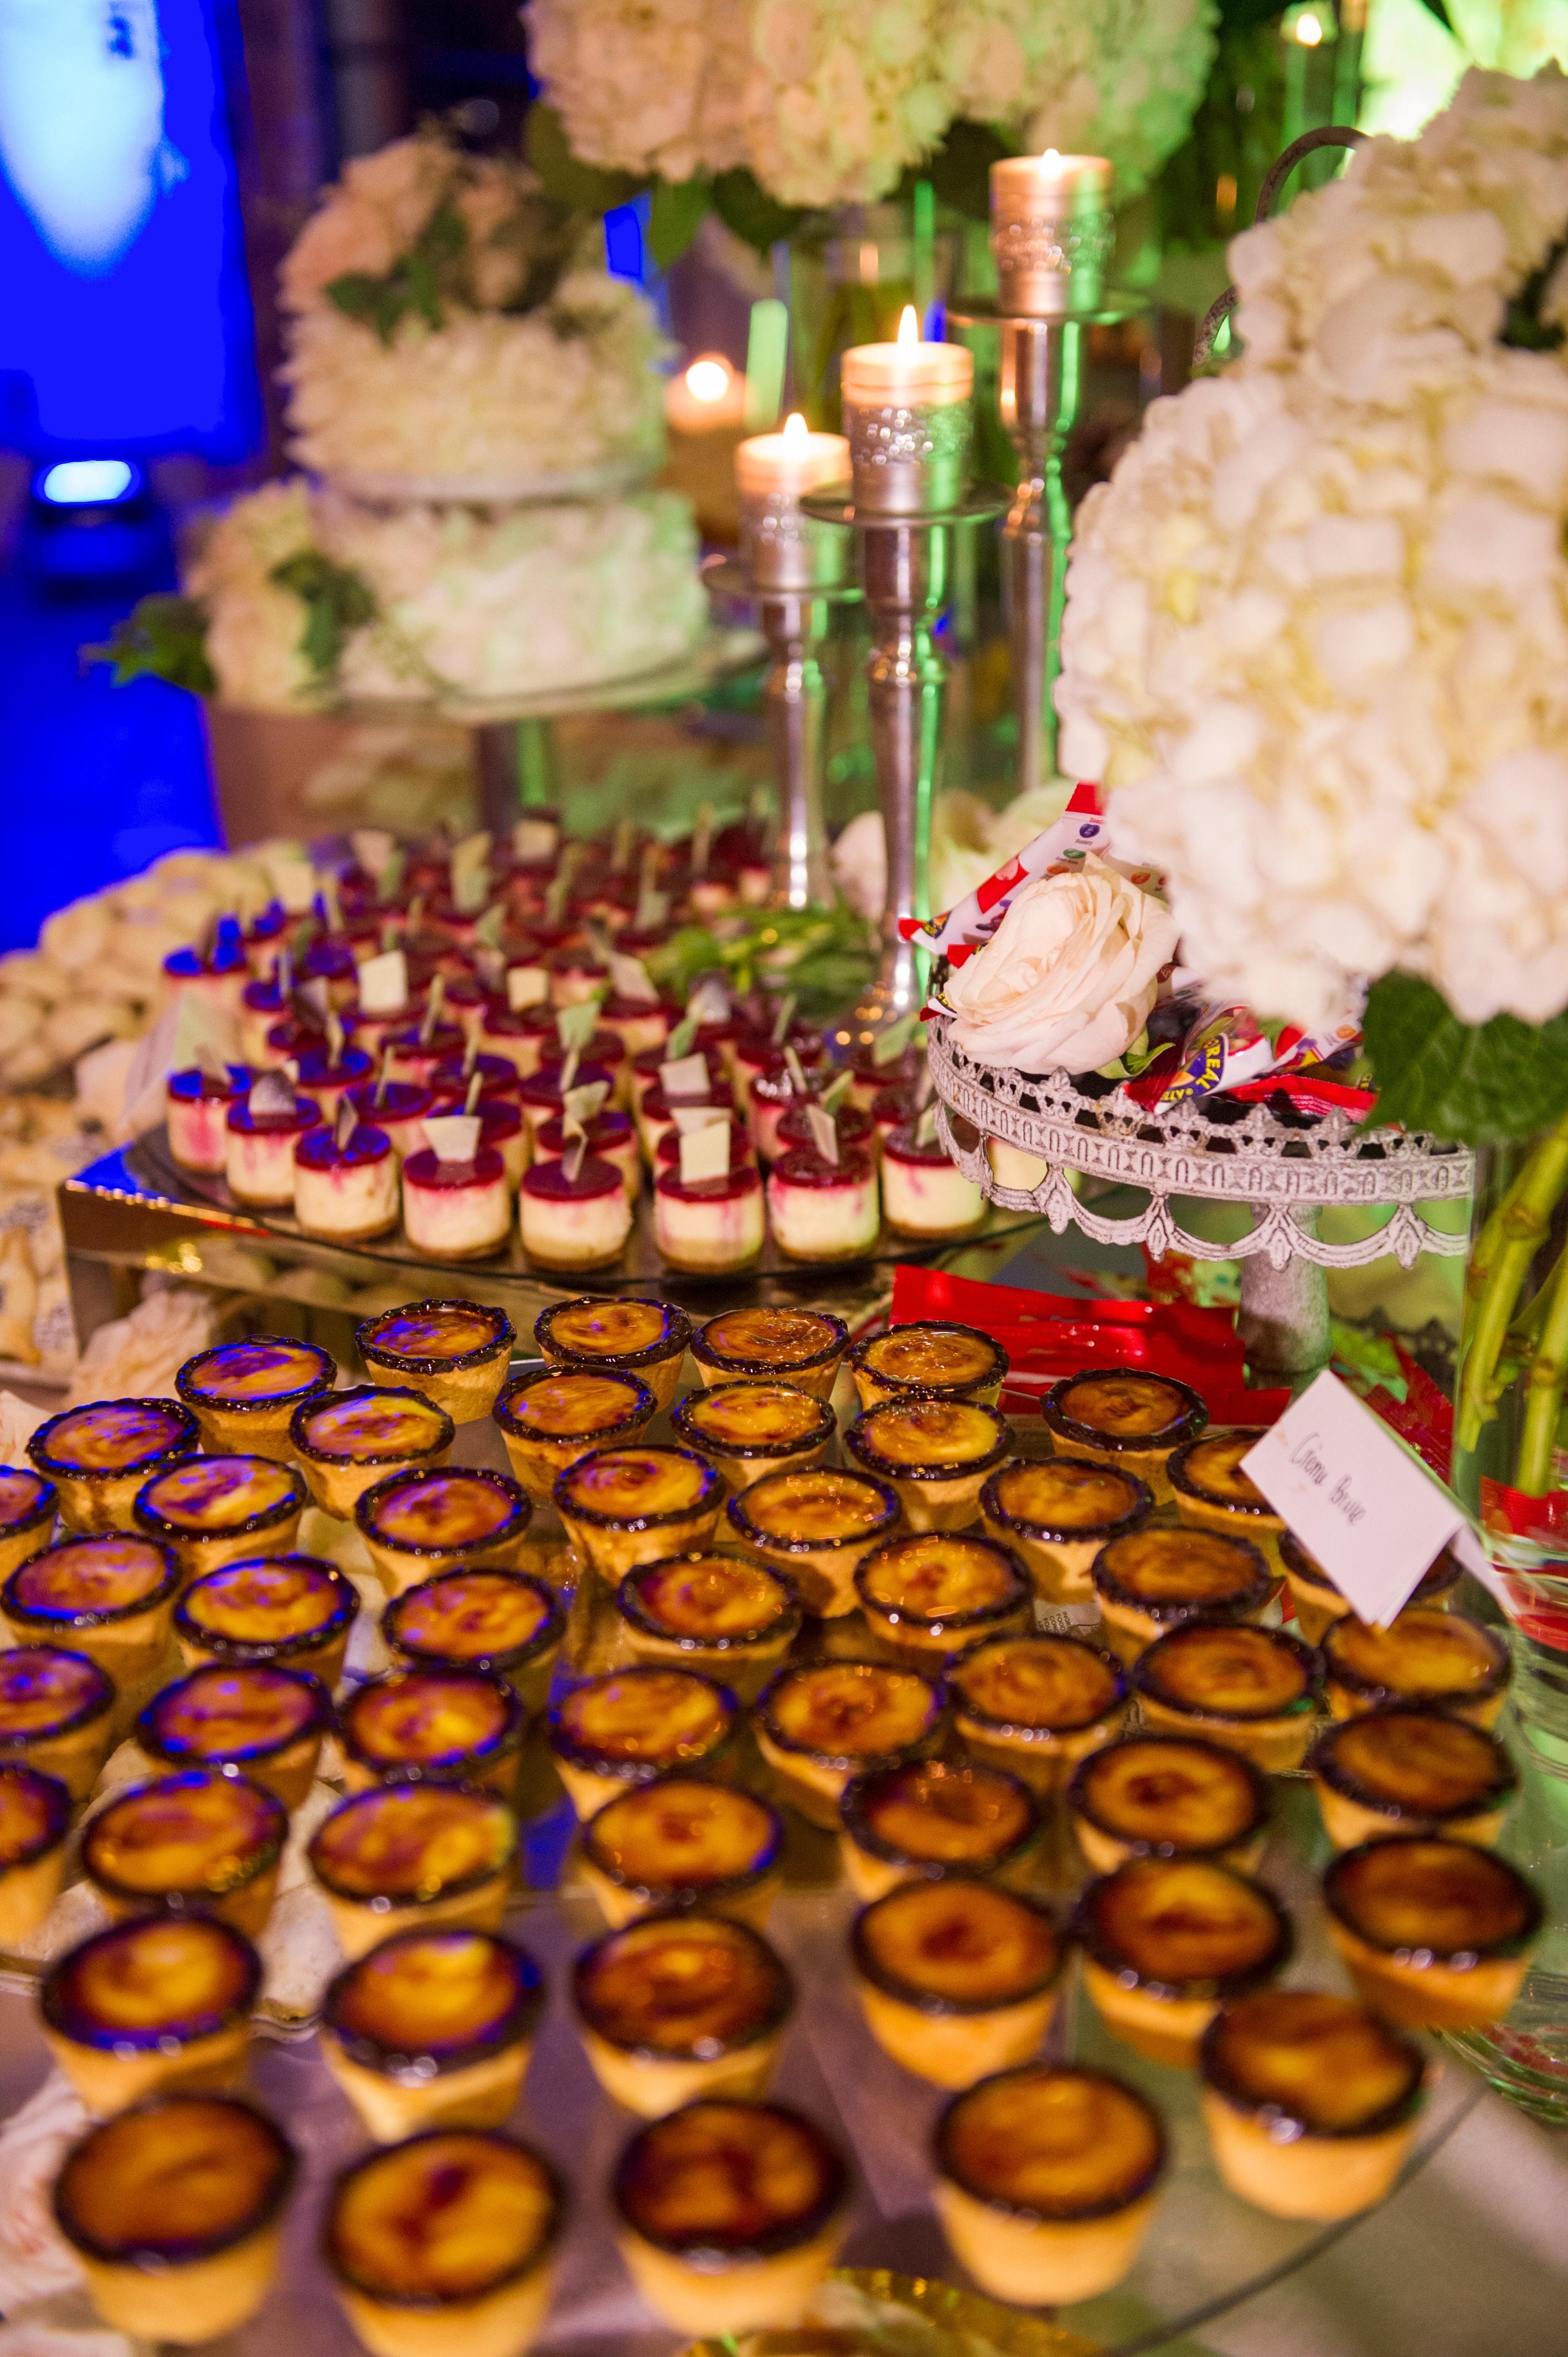 Dessert bar, wedding desserts